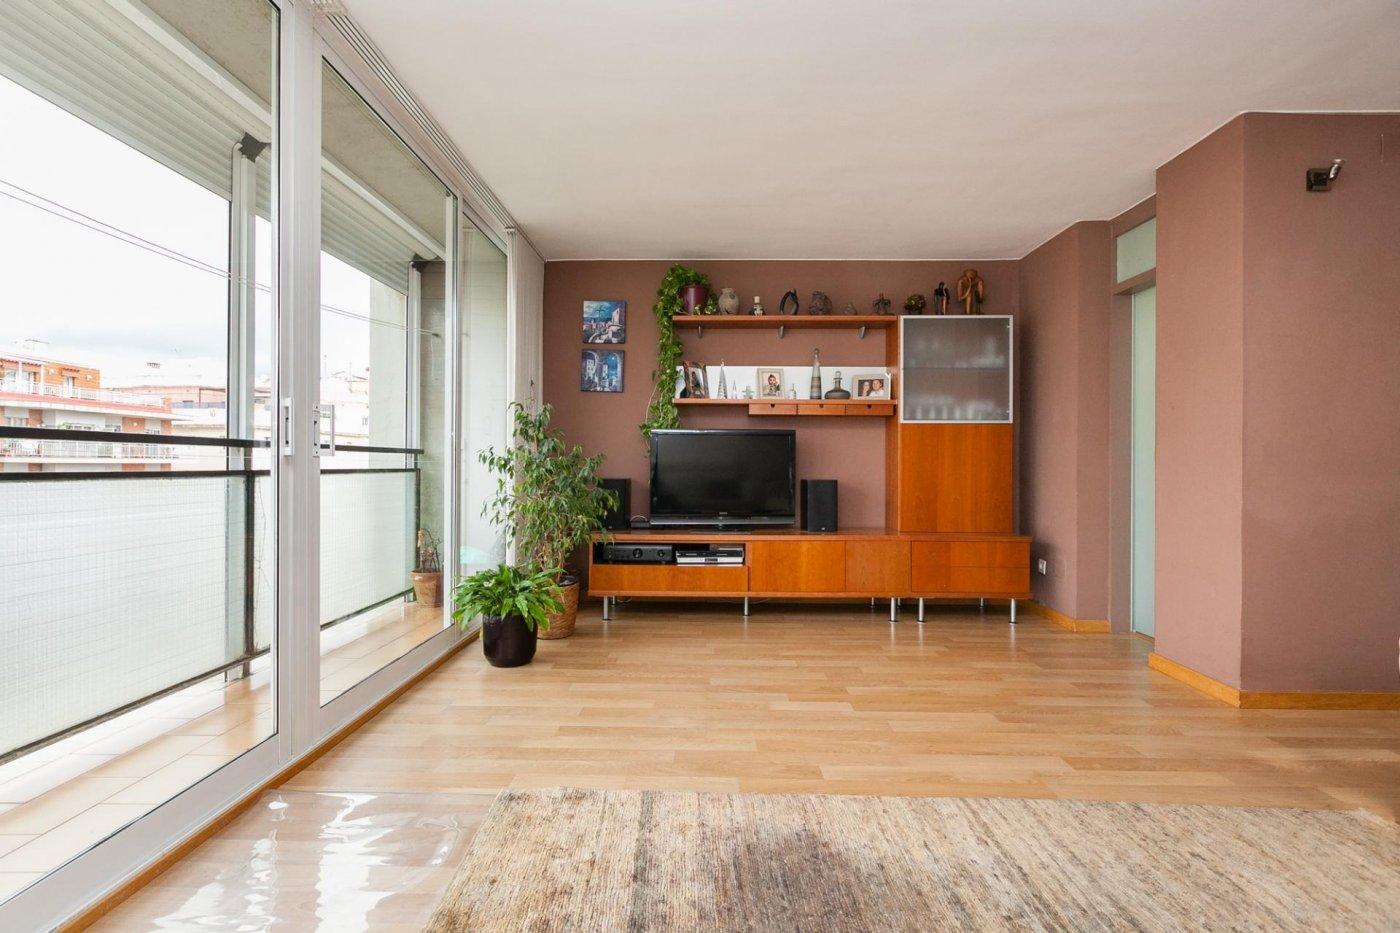 Duplex en gracia nova - imagenInmueble5